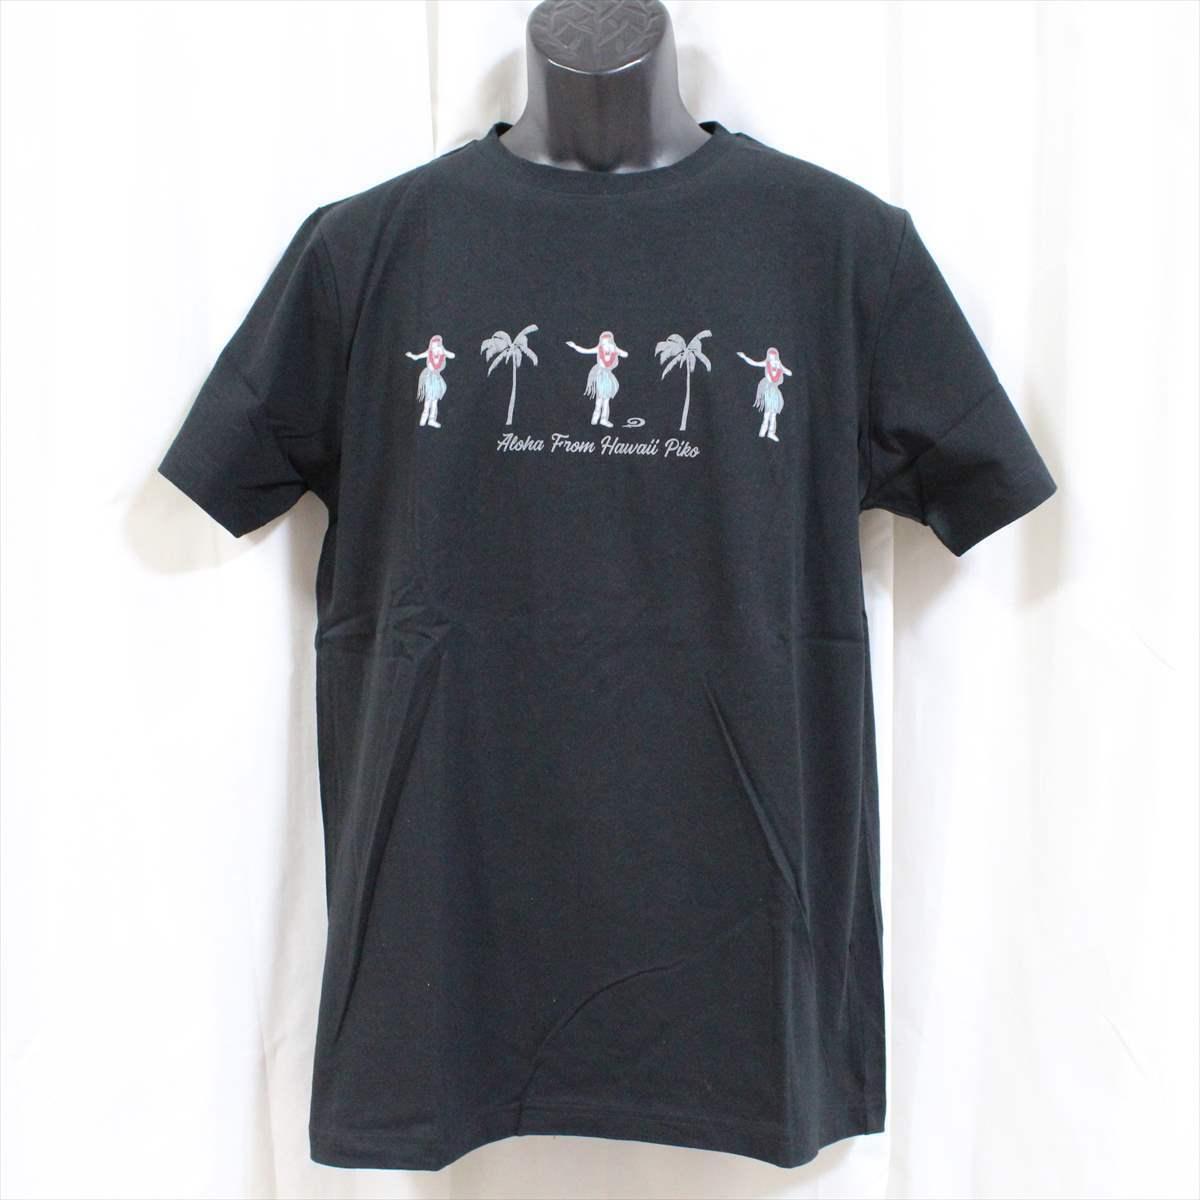 ピコ PIKO メンズ半袖Tシャツ ブラック Lサイズ 新品 黒 HAWAIIAN LONGBOARD WEAR_画像1